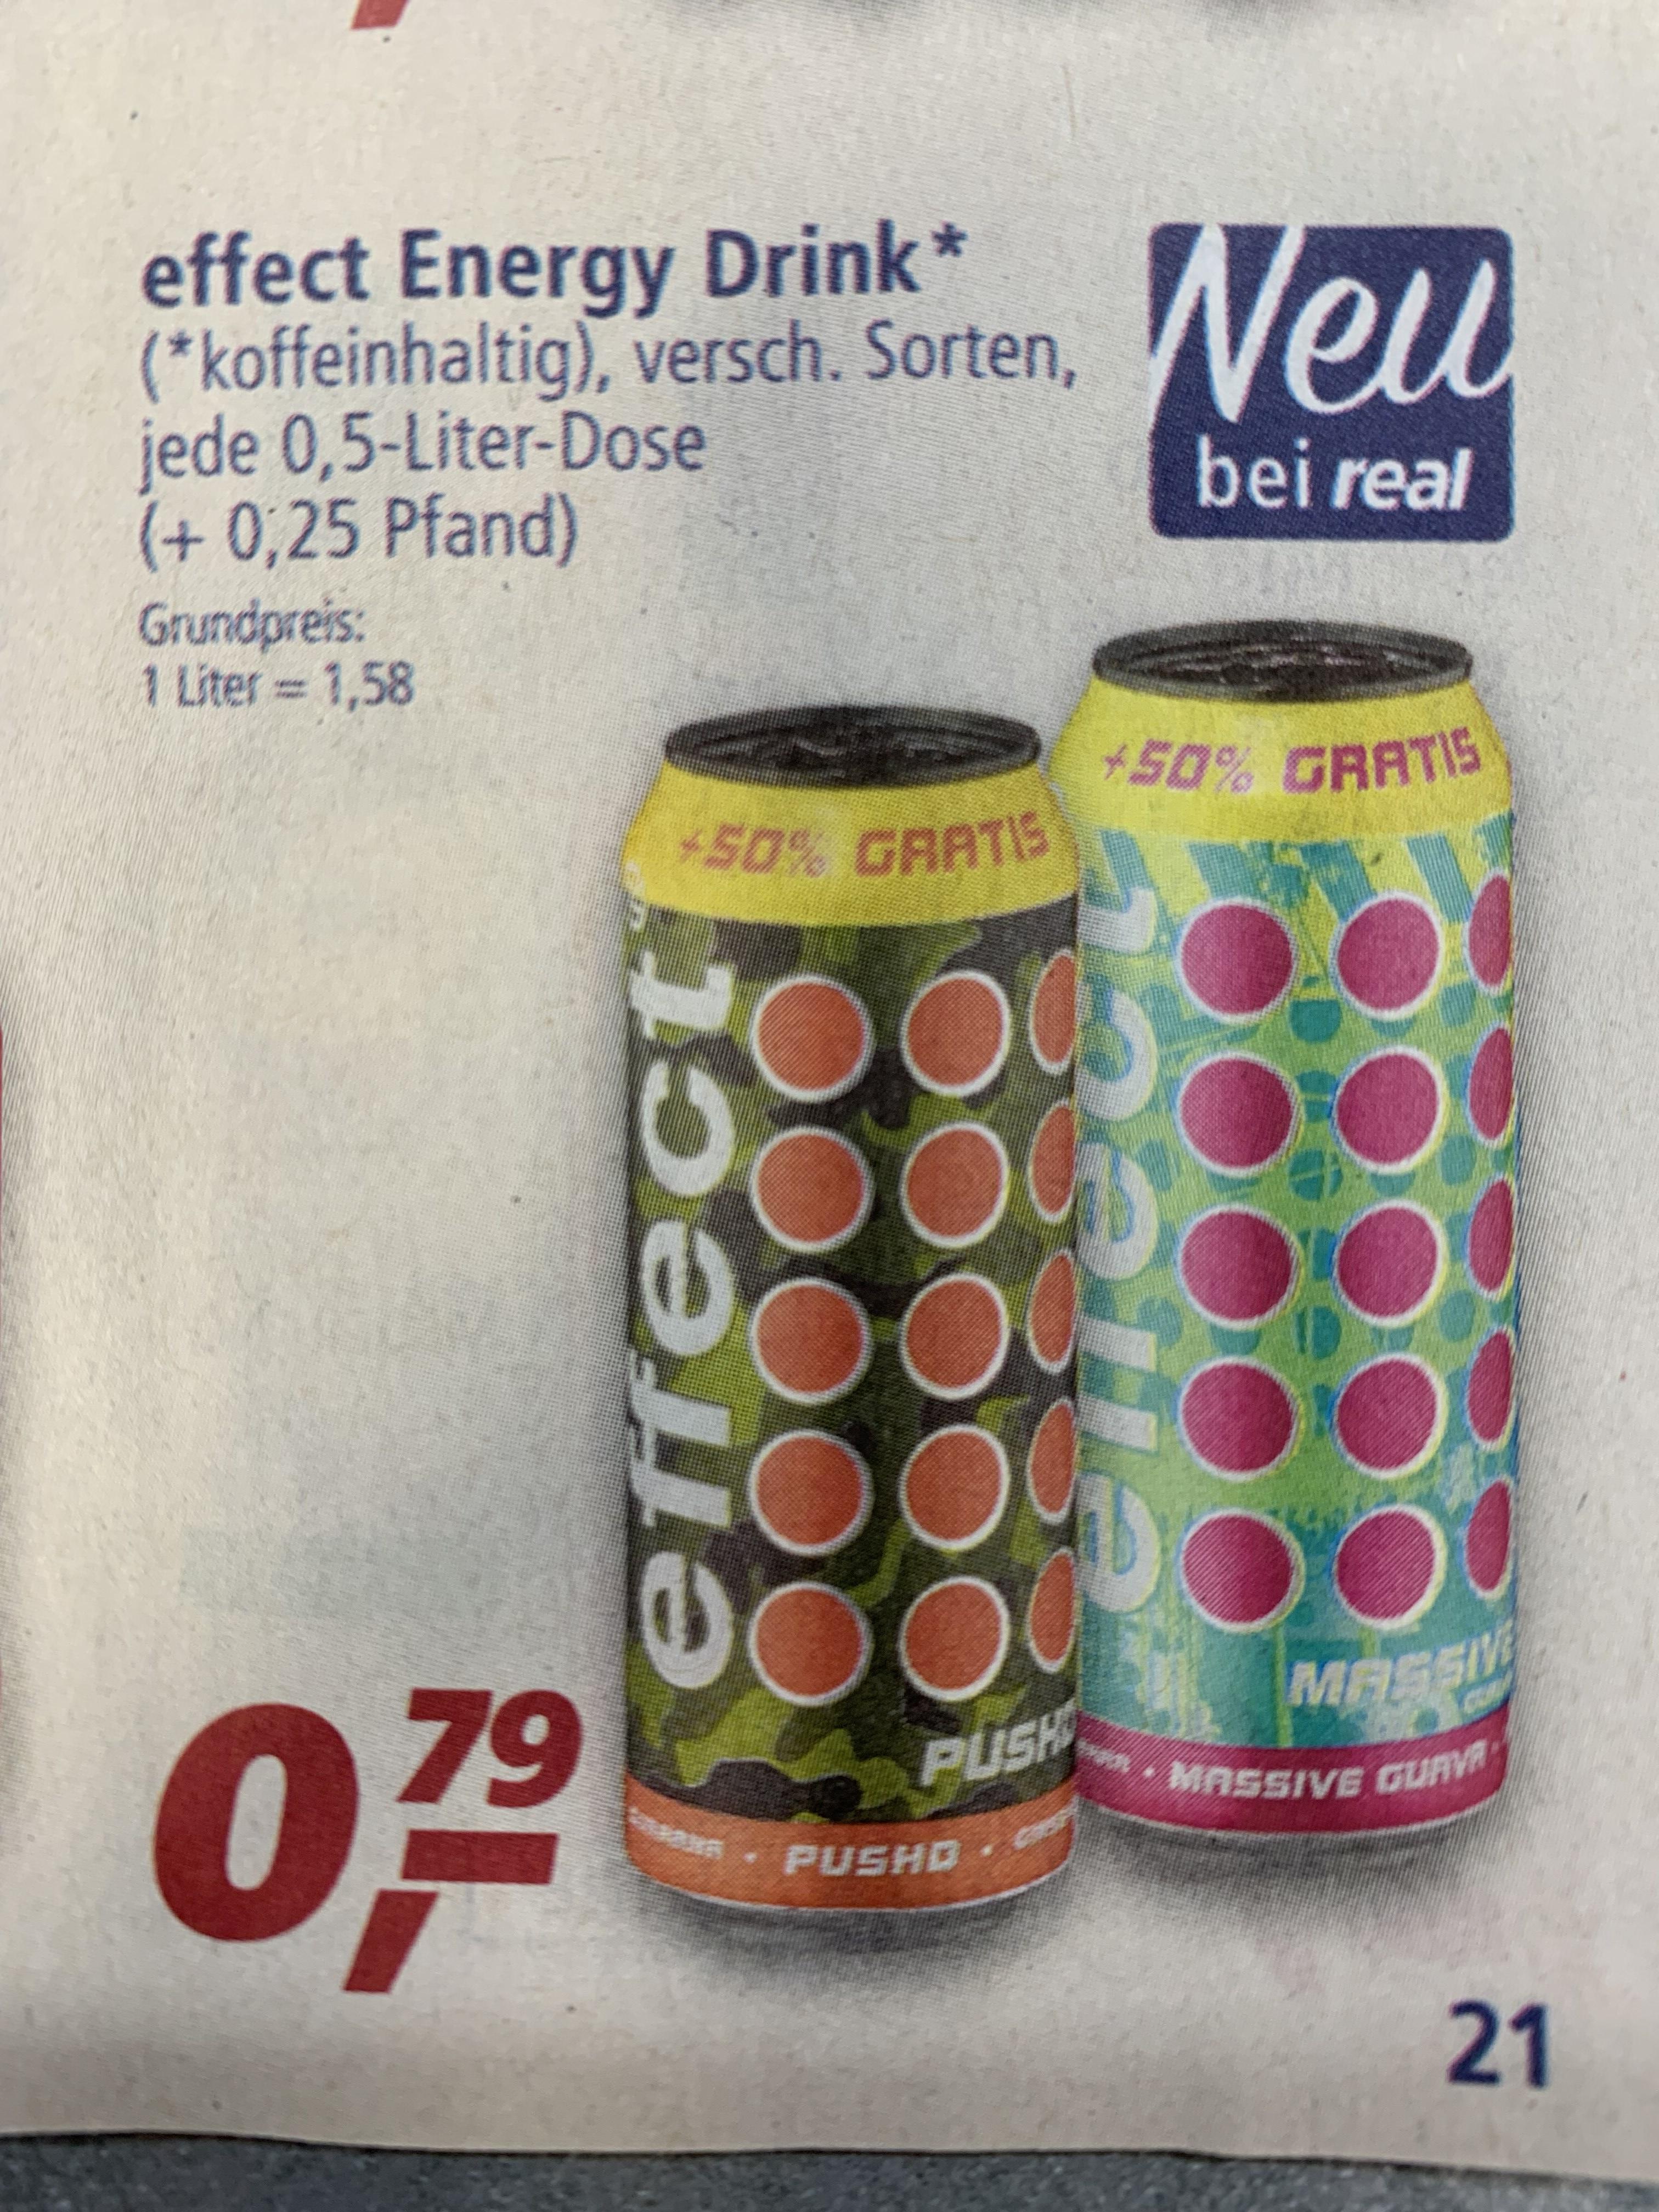 [Real] Effect Energy Drink 500ml Dose verschiedene Sorten für 0,79€ zzgl. 0,25€ Pfand ab Montag 27.05.2019